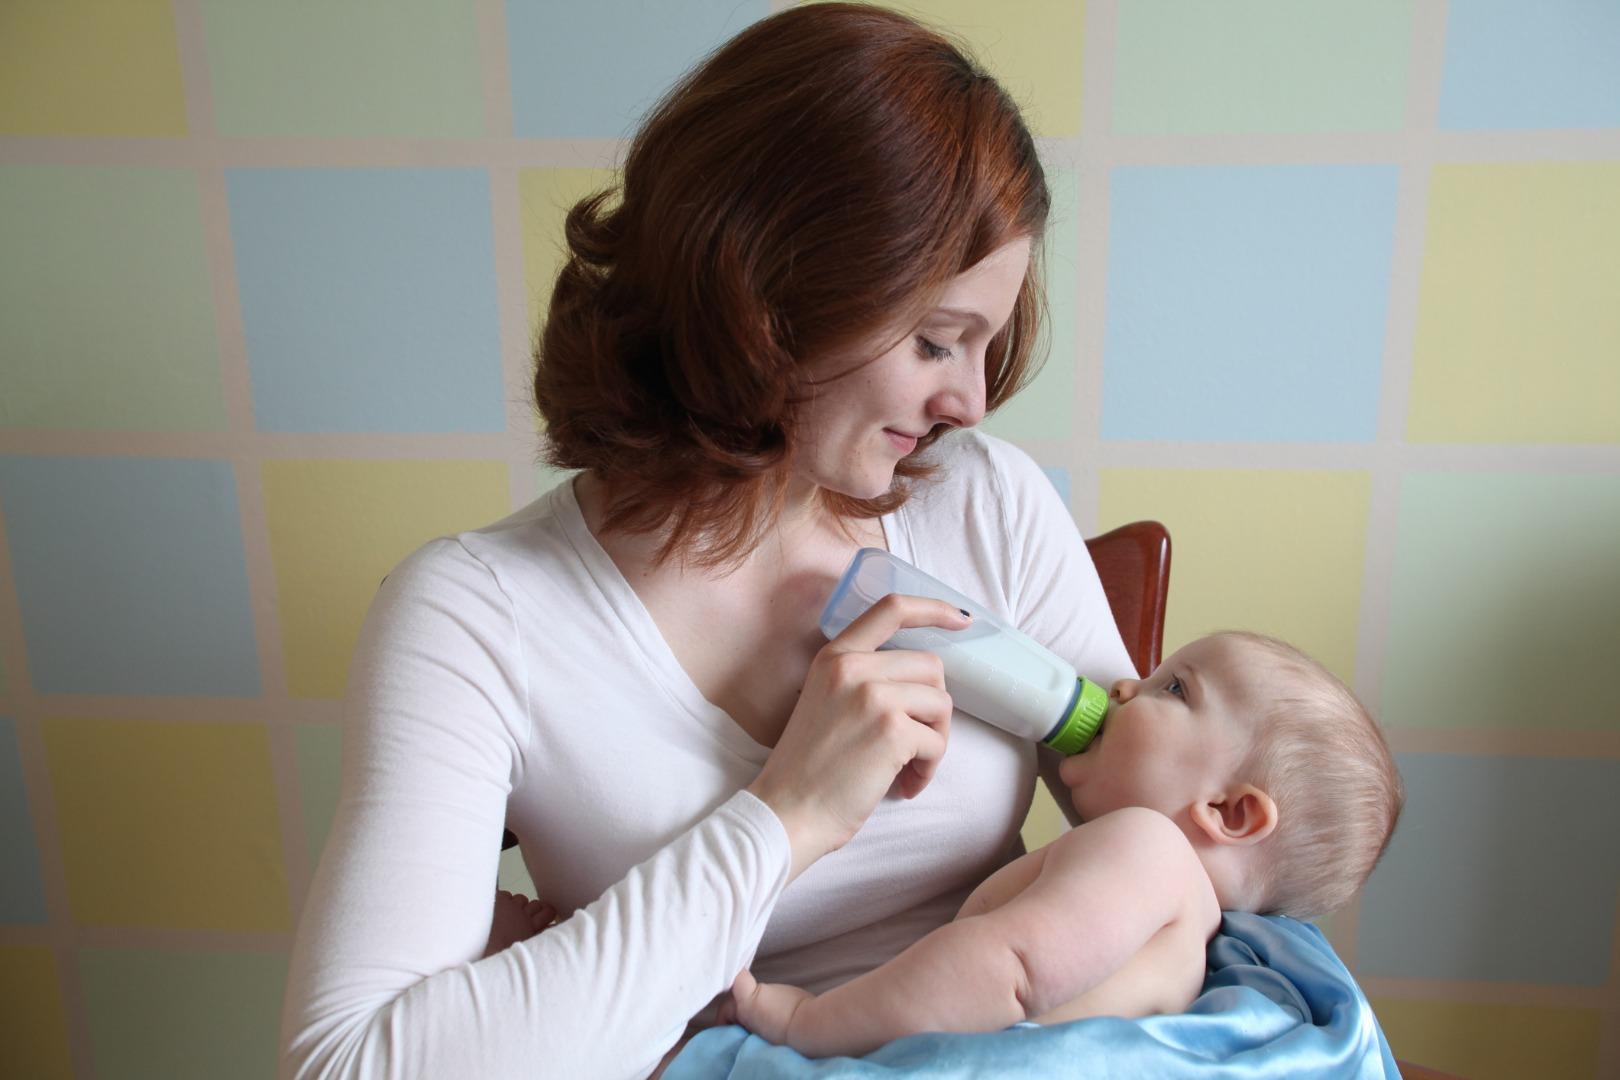 Кормим малыша из бутылочки: 5 важных моментов